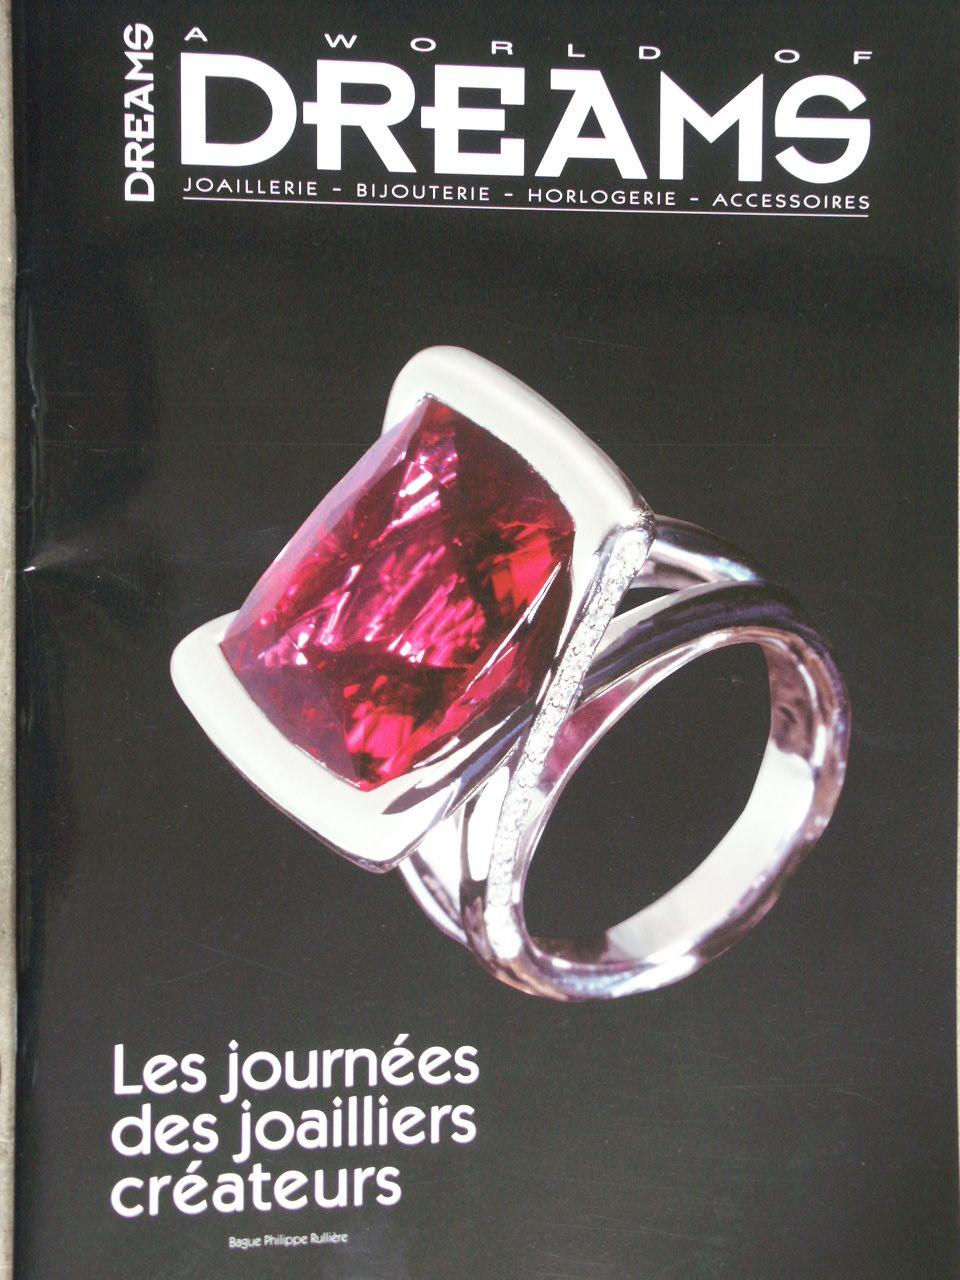 2001 DREAMS  Décembre 2001 - Couve.JPG